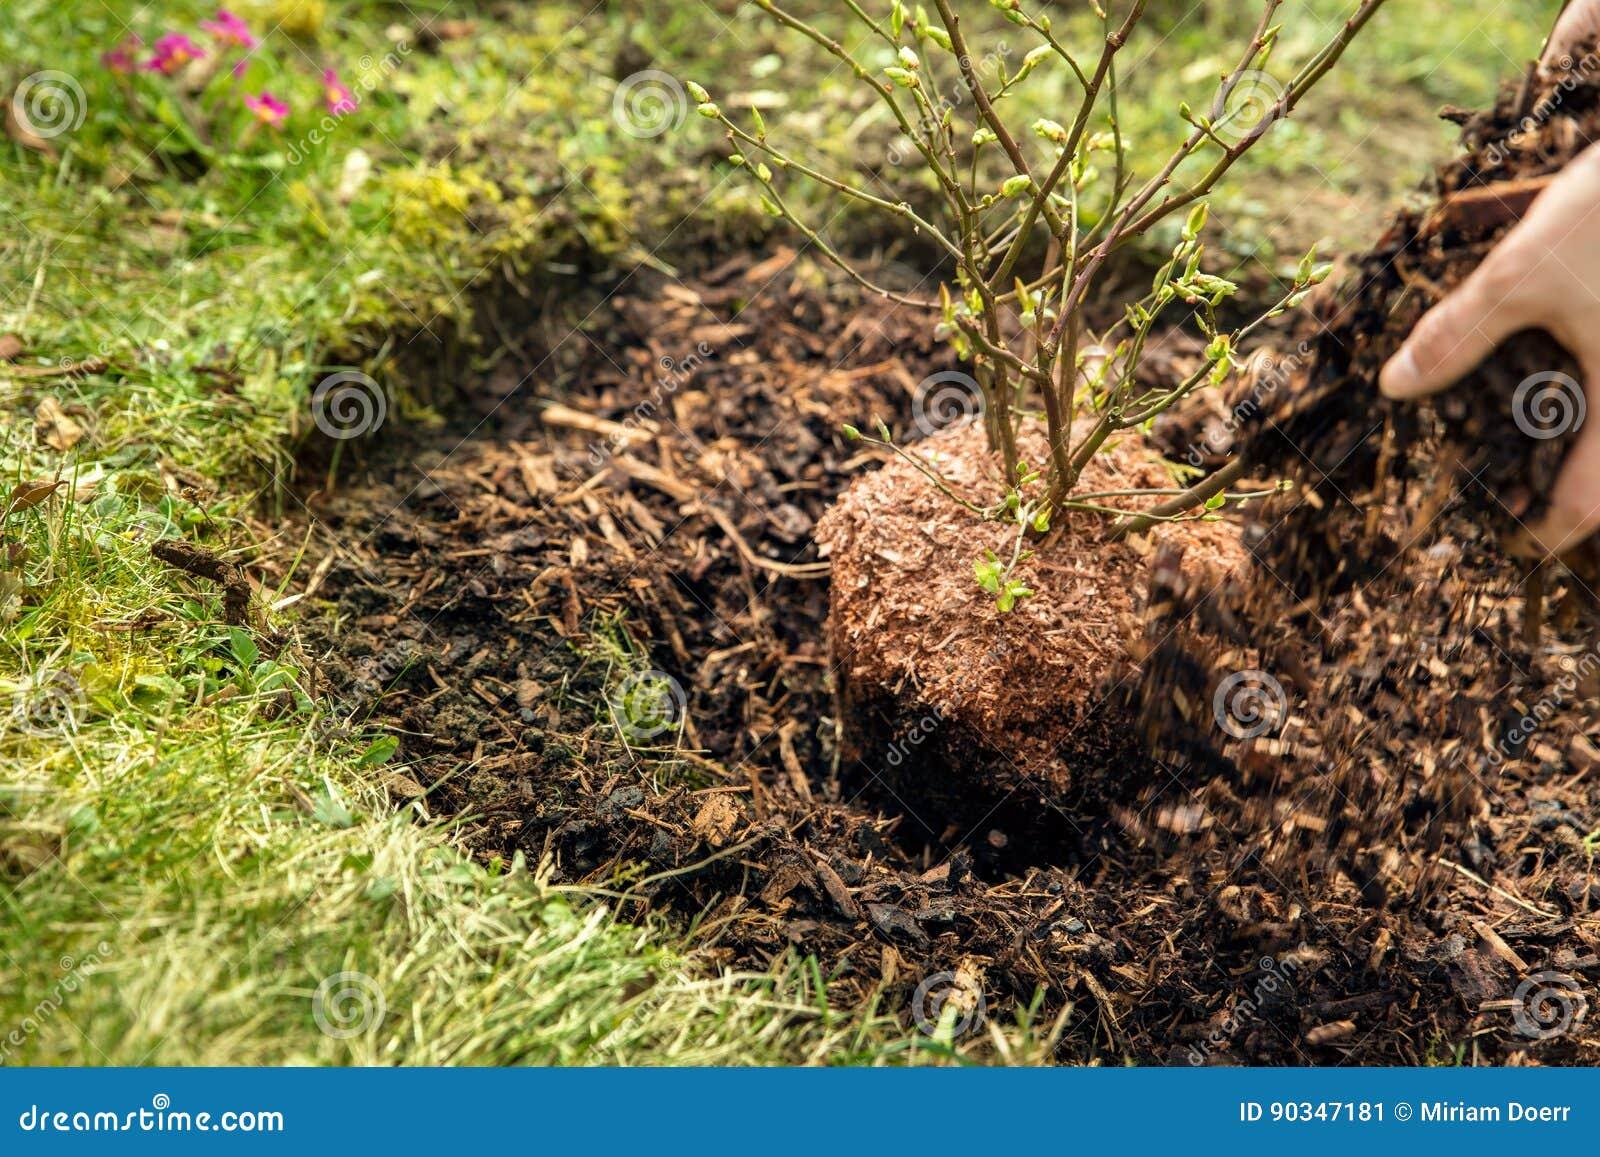 Kvinnan fördelar skällkomposttäckning runt om en blåbärbuske